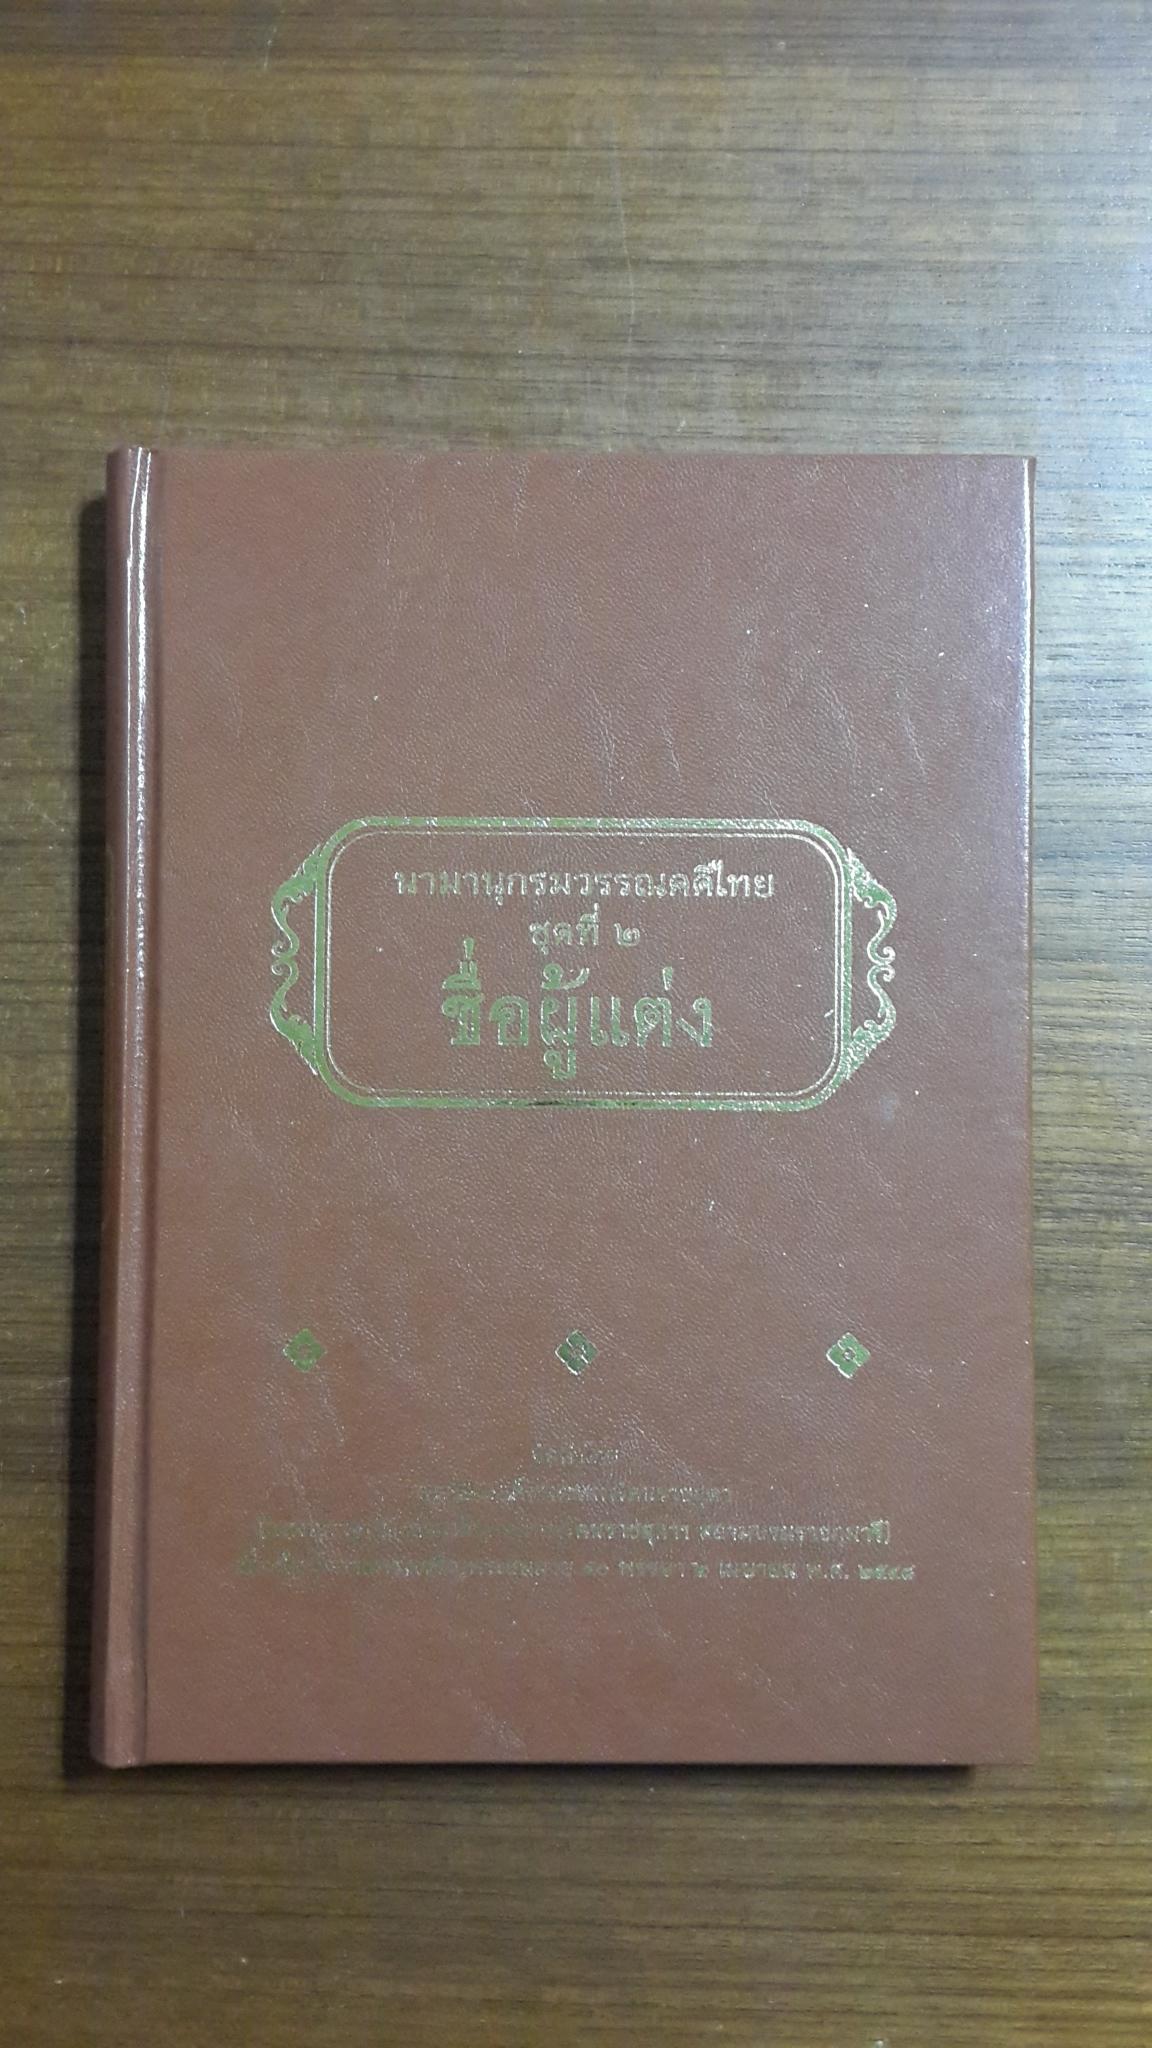 นามานุกรมวรรณคดีไทย ชุดที่ ๒ ชื่อผู้แต่ง / มูลนิธิสมเด็จพระเทพรัตนราชสุดา